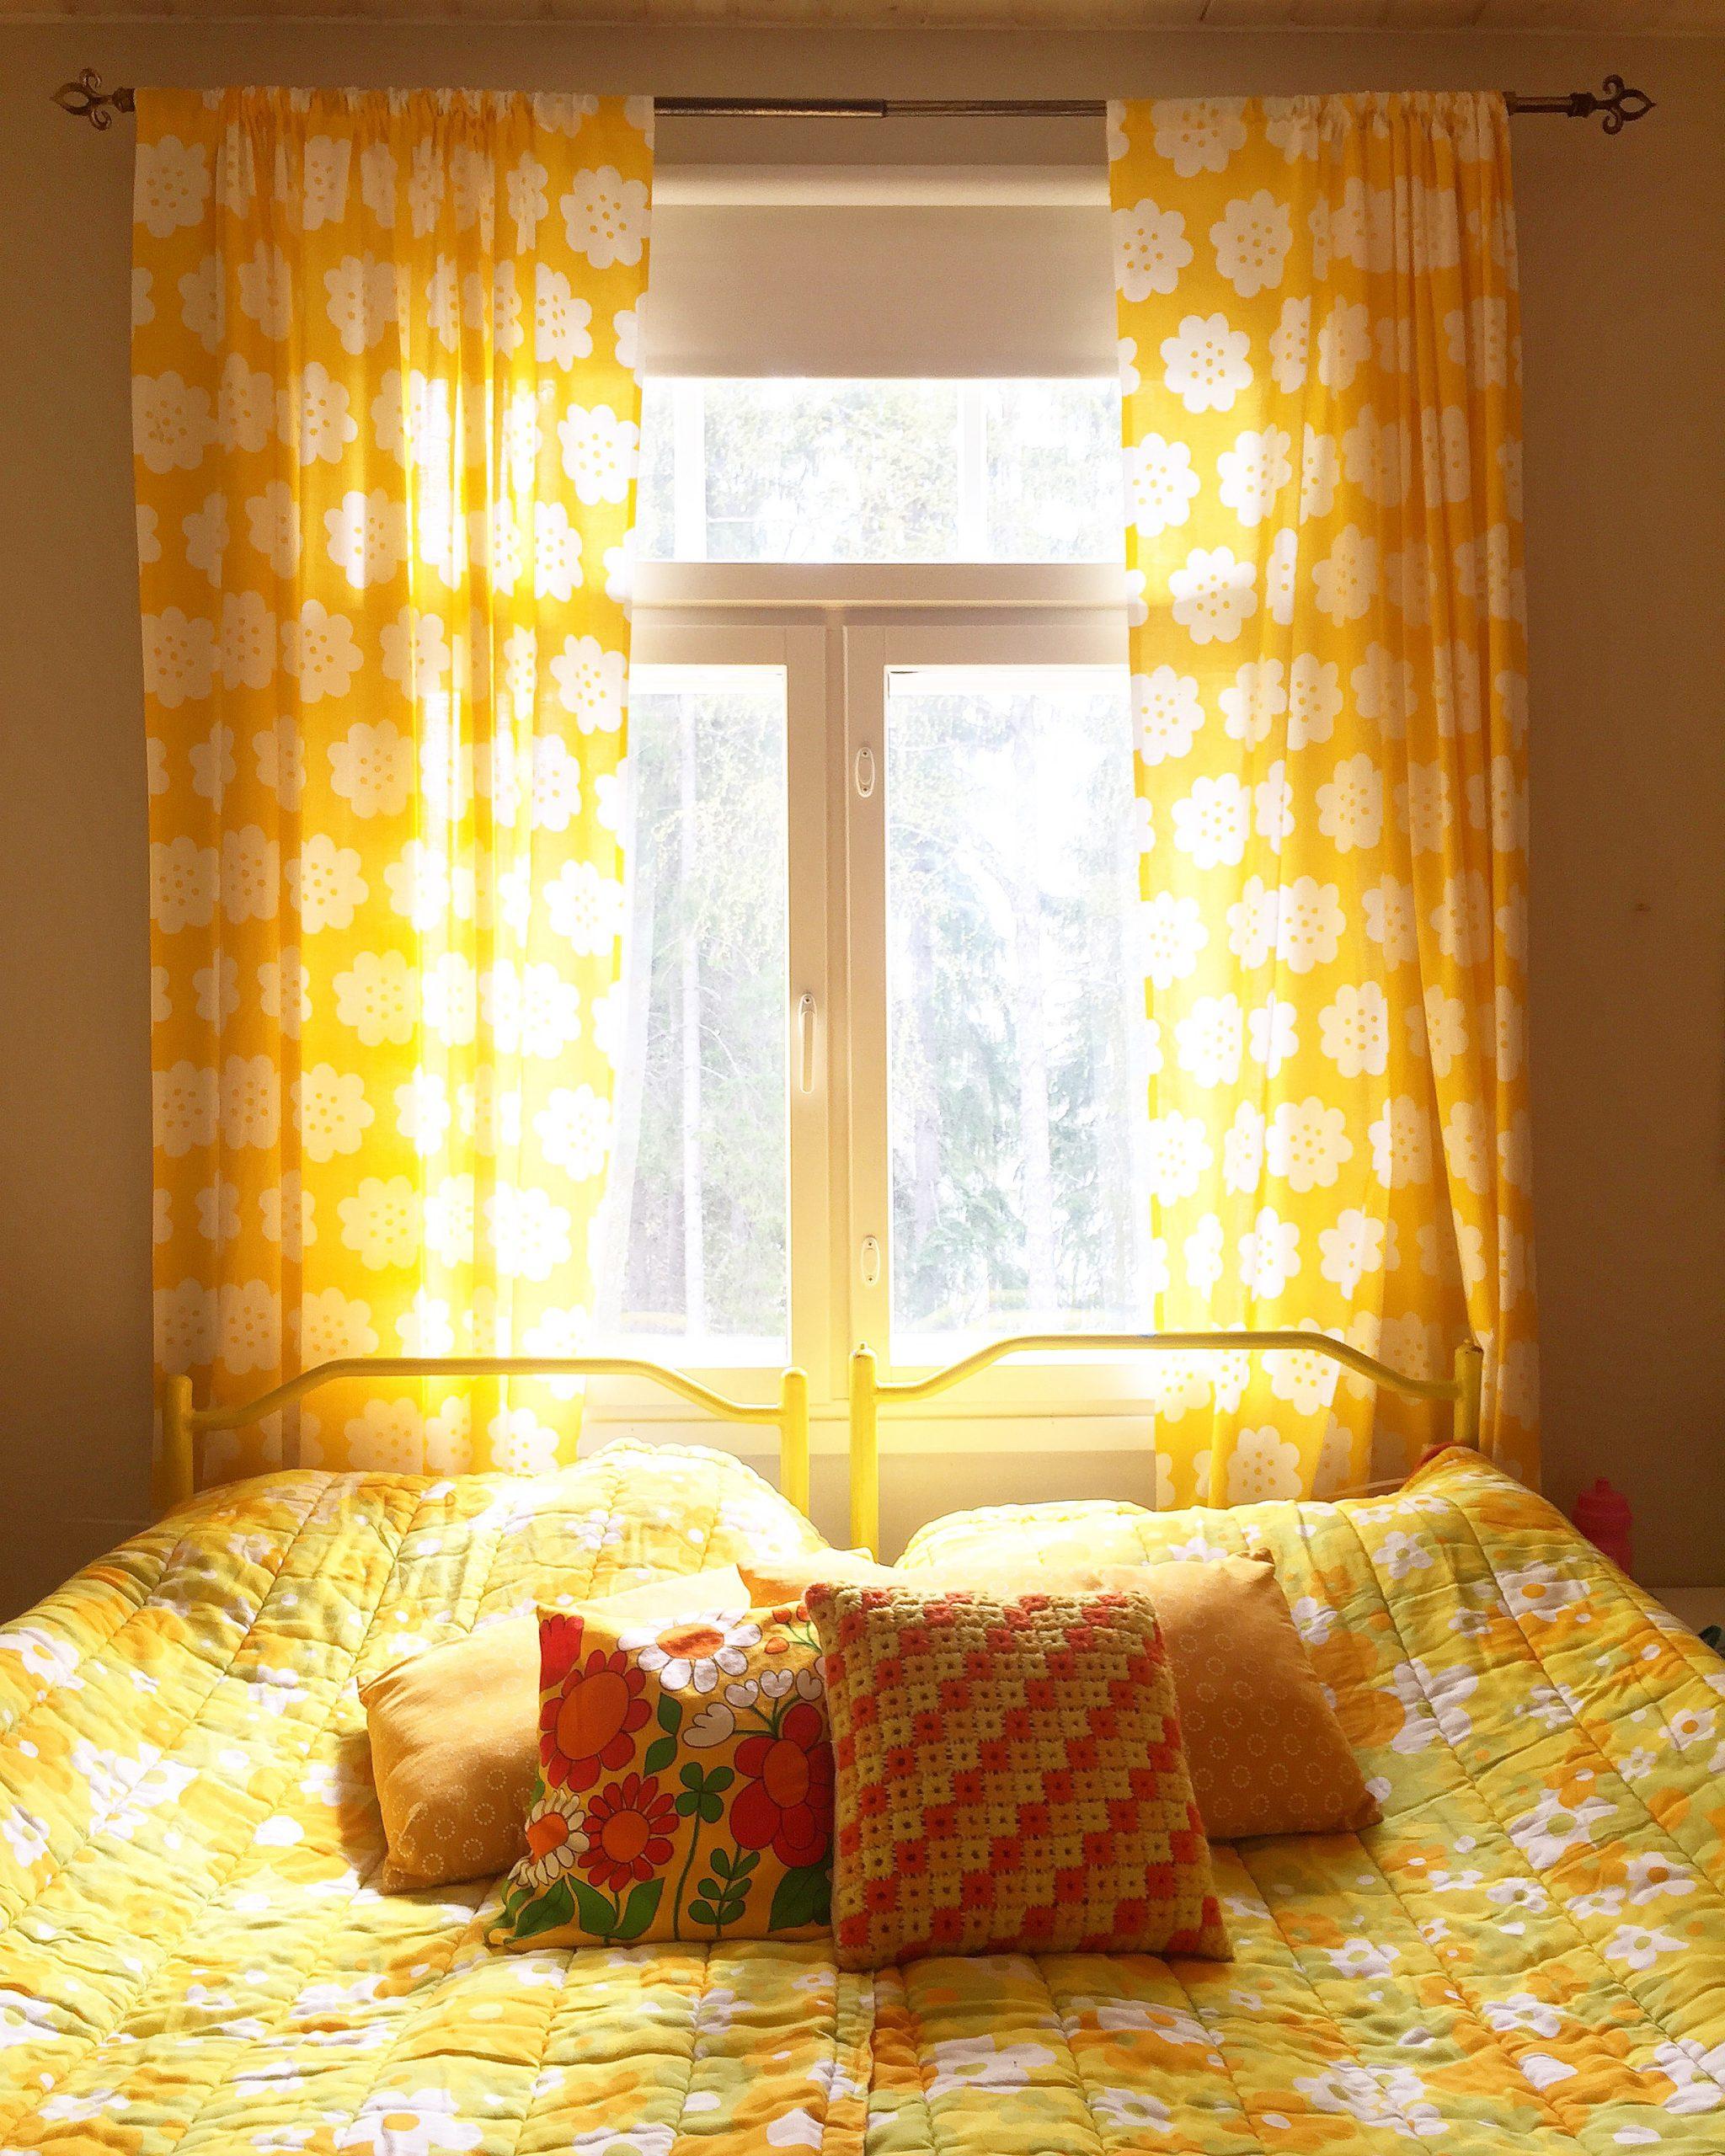 Elluyellow keltainen makuuhuone